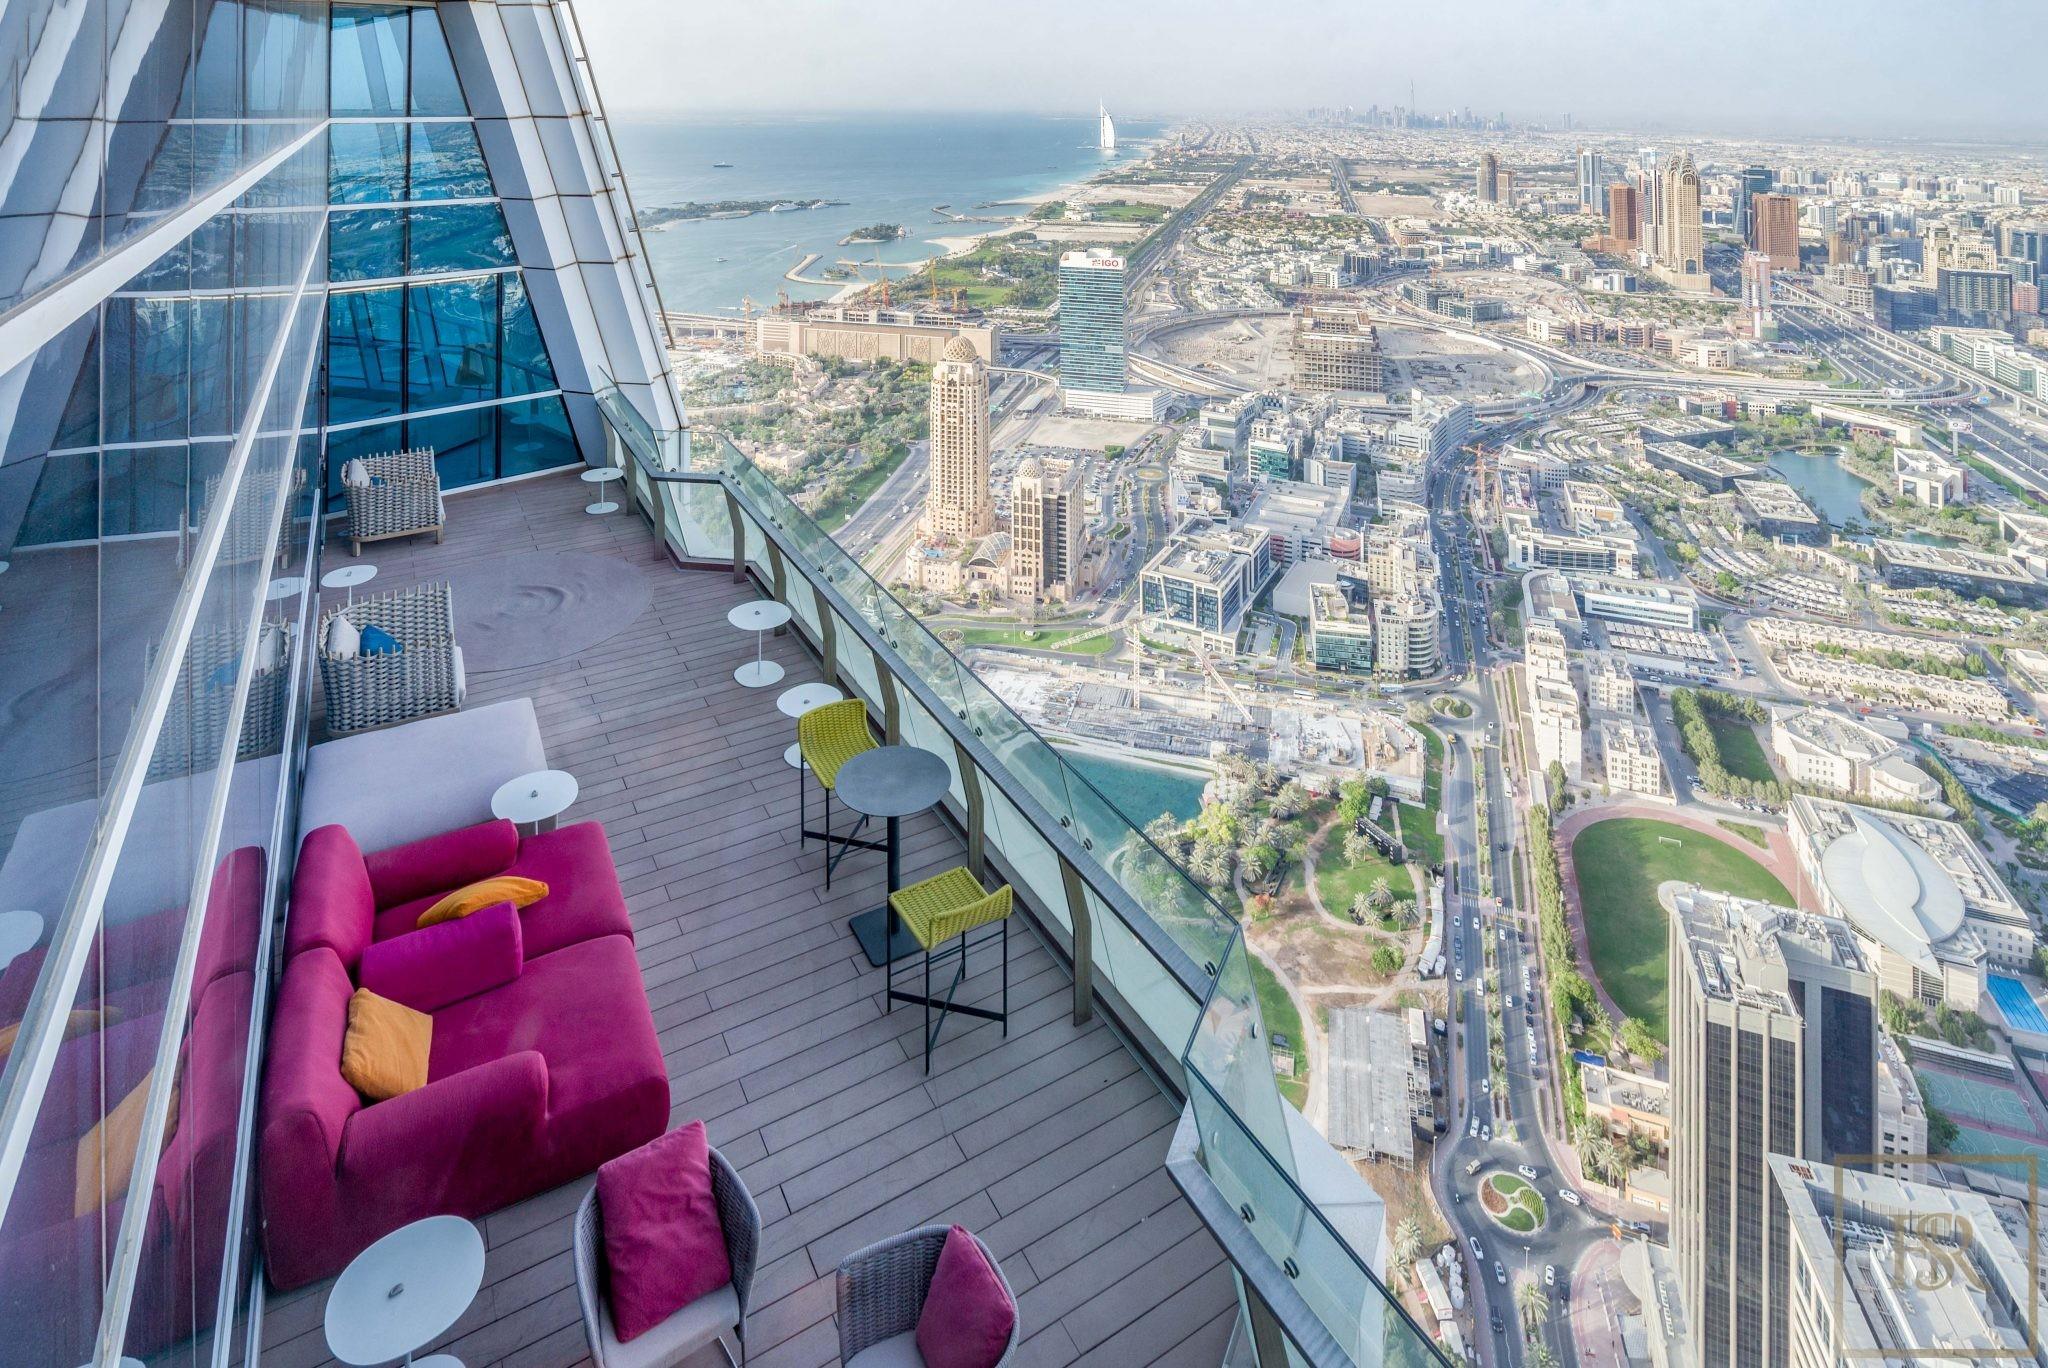 Penthouse Marina 23 Tower - Dubai Marina,  UAE for sale For Super Rich